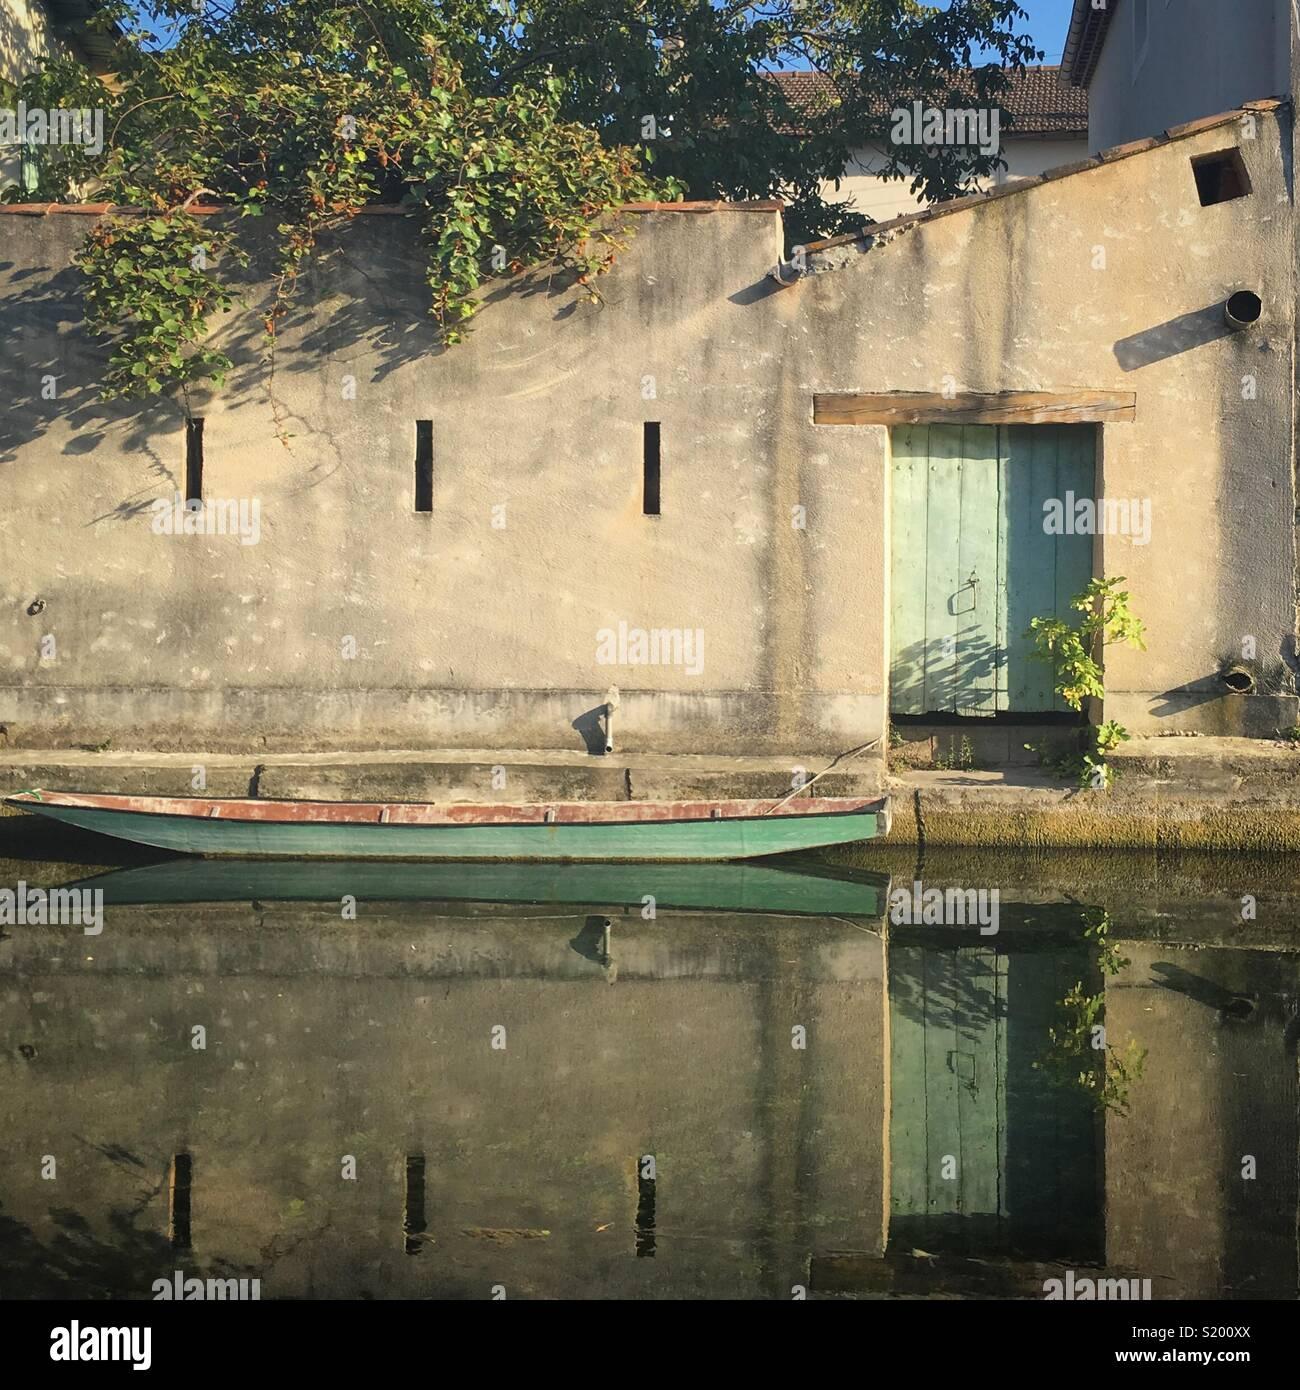 Una barca in acqua calma in L'Isle sur la Sorgue, Provenza, Francia Immagini Stock